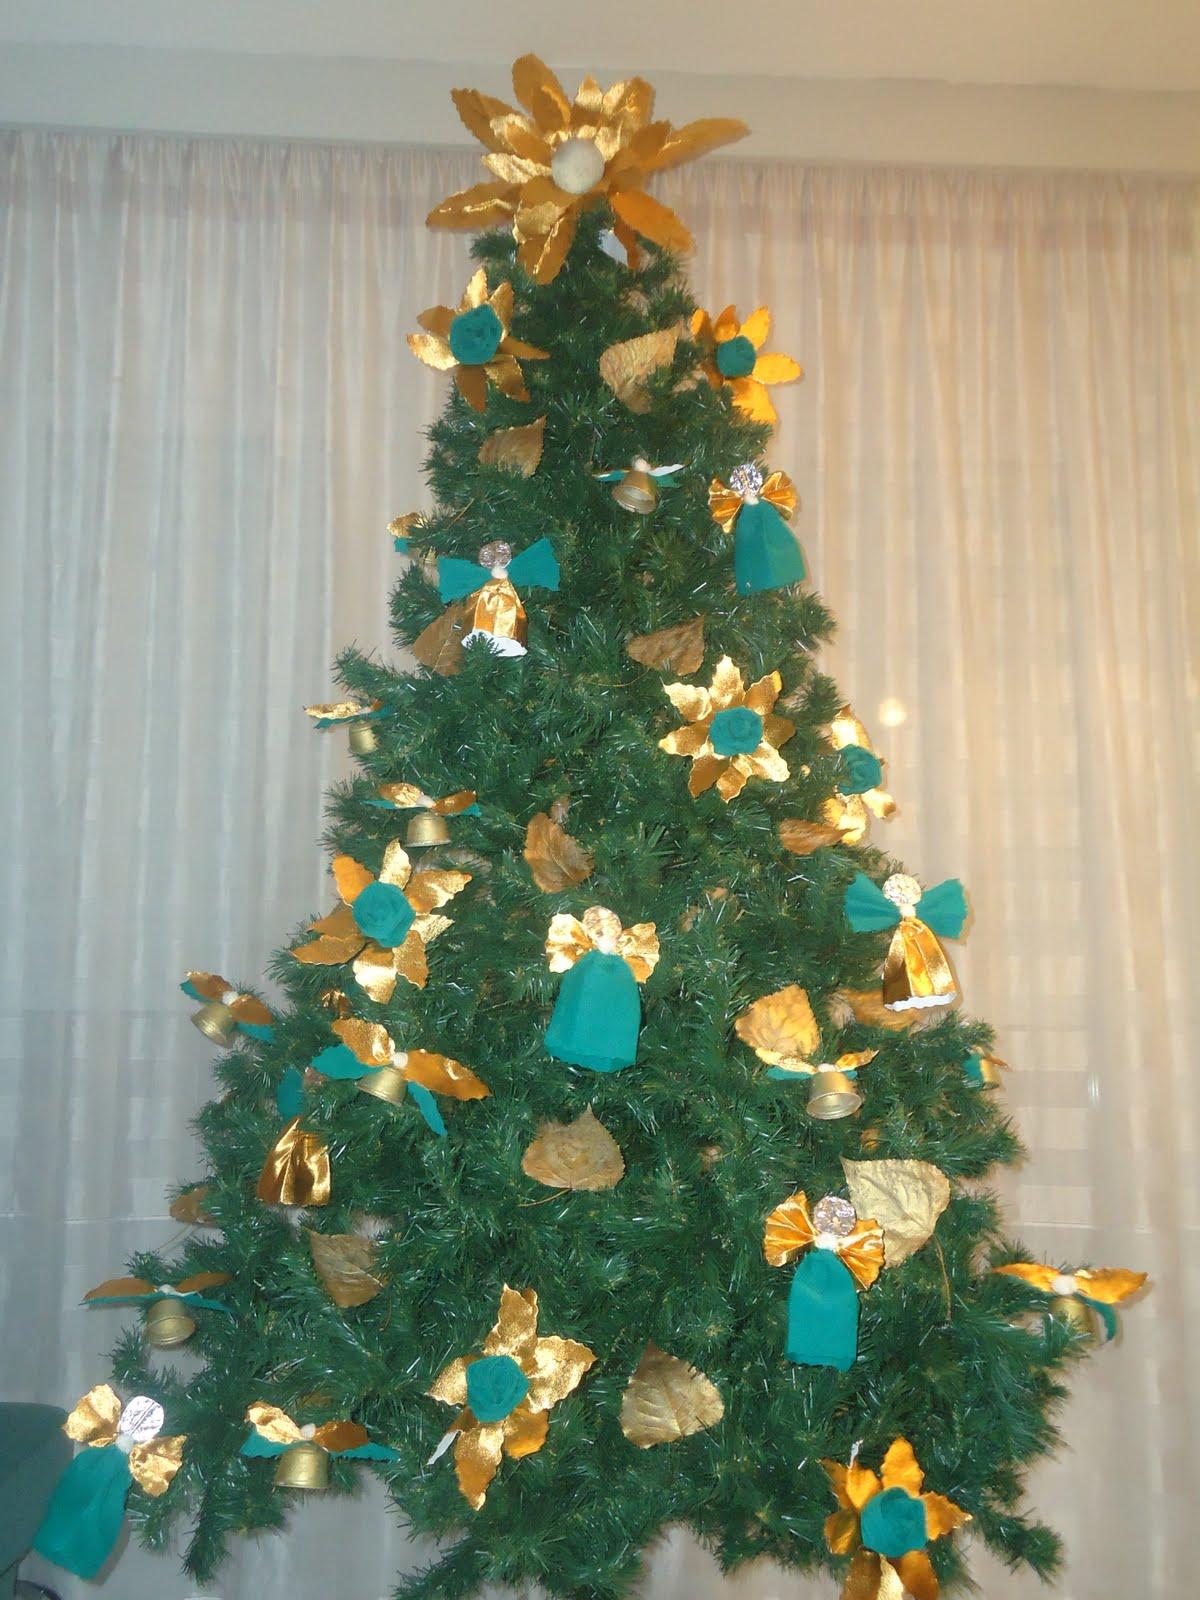 Manualidades y decoraci n arbol navide o verde dorado - Decoracion arboles navidenos ...